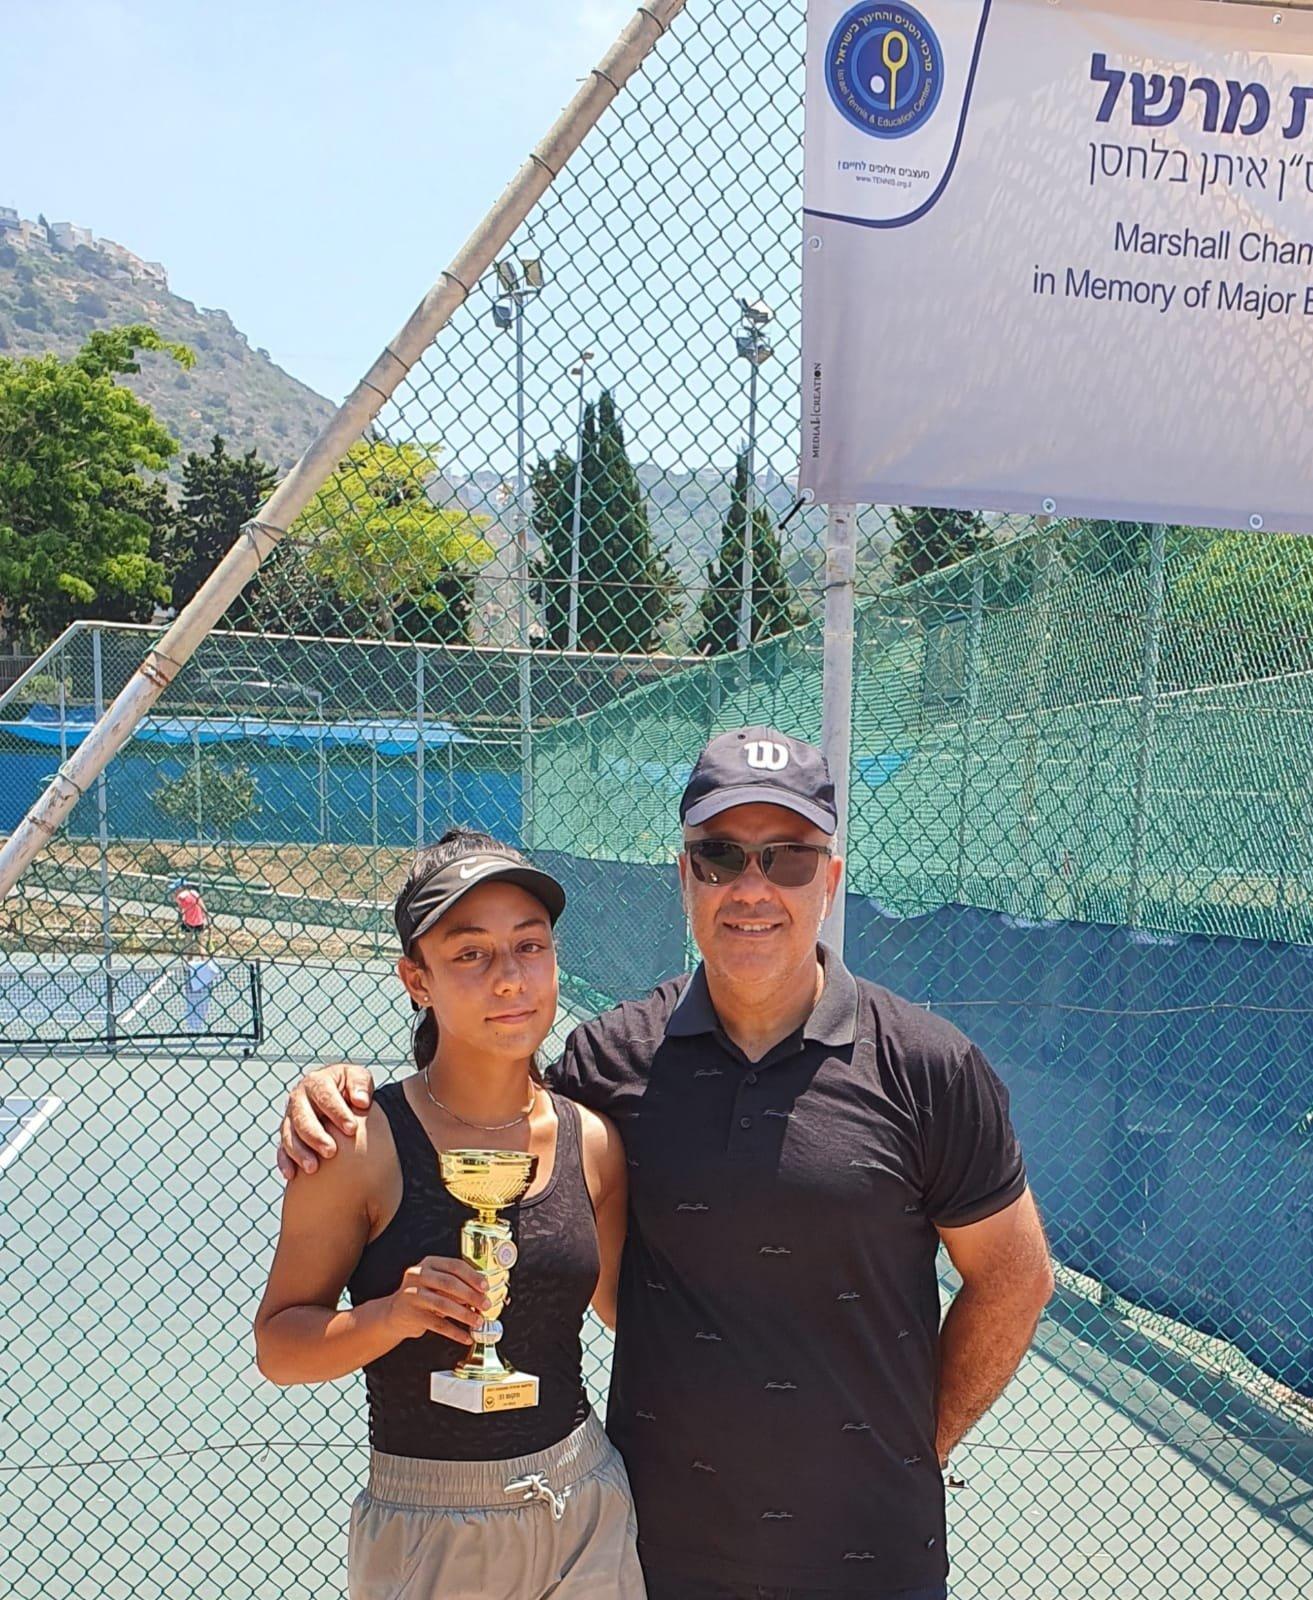 بطلة التنس الأرضي كاريمان بقاعي تواصل التحليق وتفوز بالمرتبة الثانية قطريًا-5